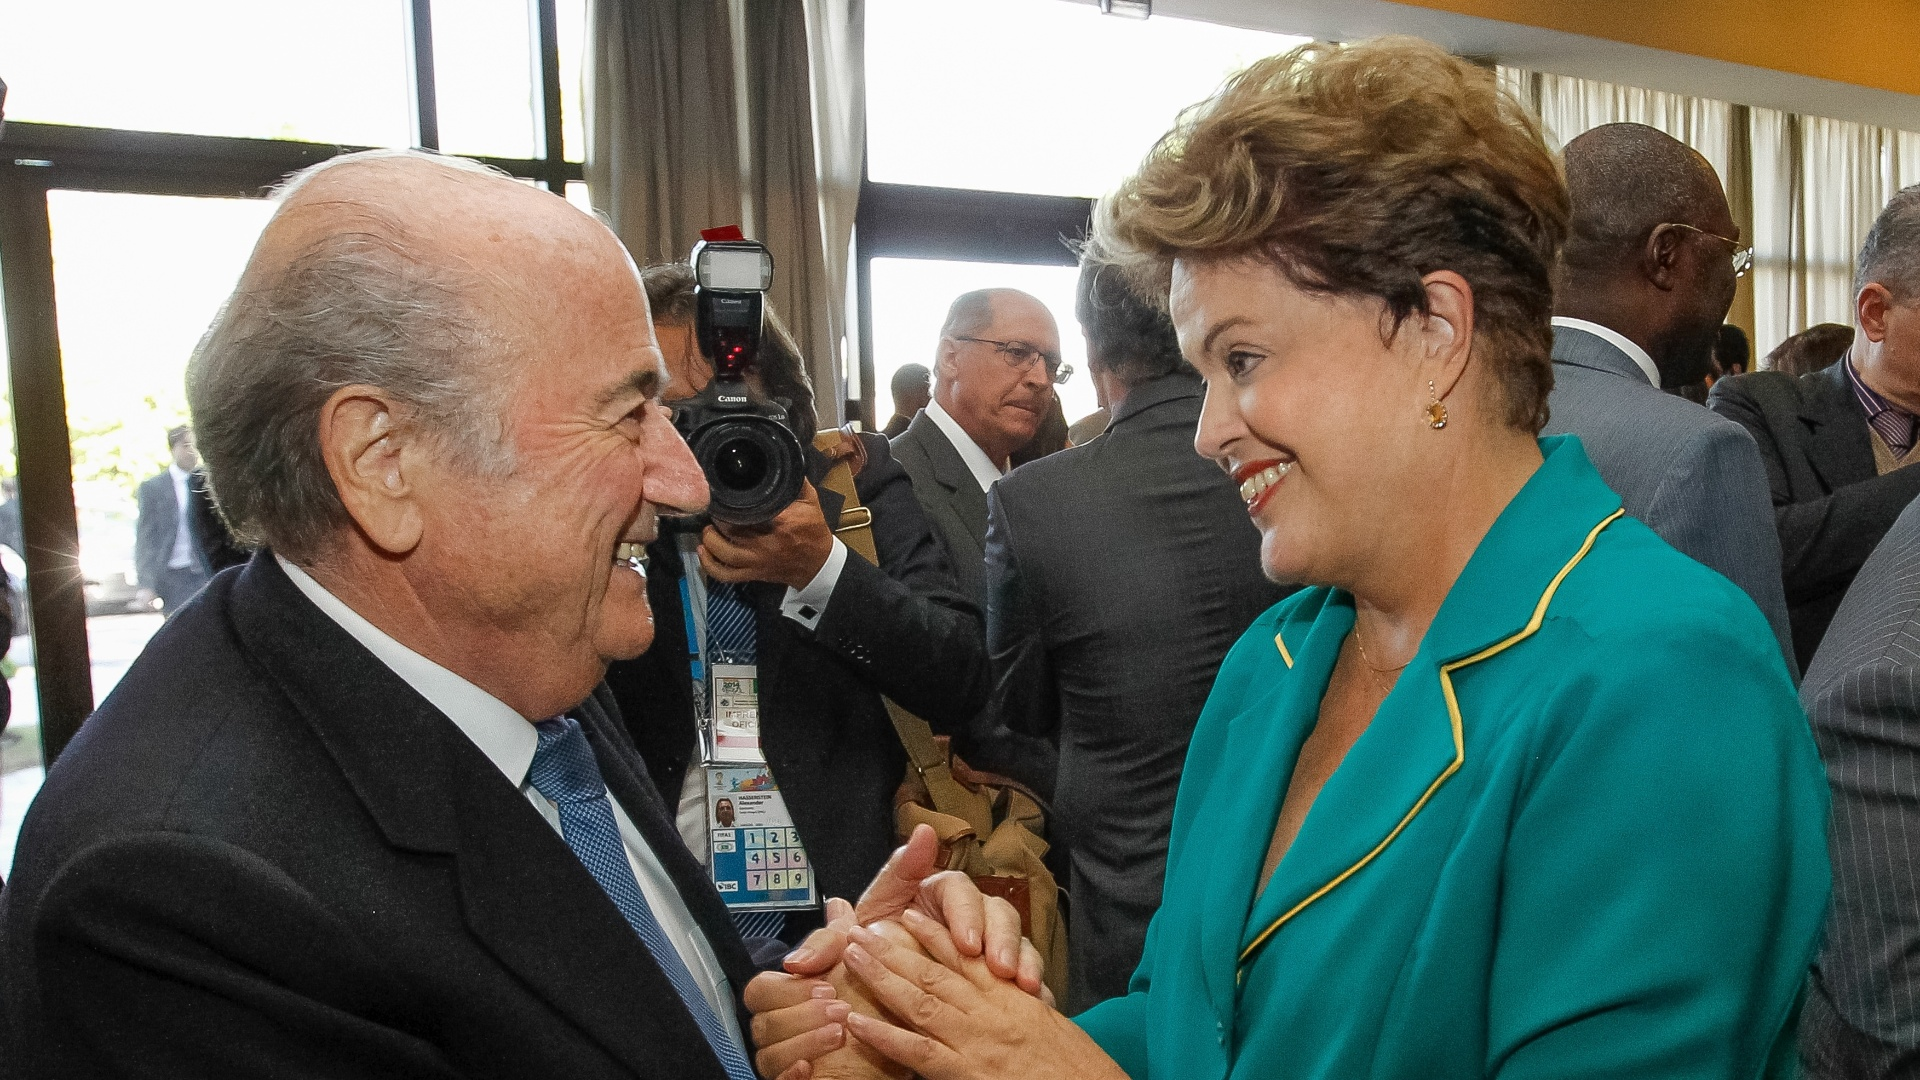 12.jun.2014 - A presidente Dilma Rousseff cumprimenta o presidente da FIFA, Joseph Blatter, durante almoço oferecido aos Chefes de Estado antes da abertura da Copa do Mundo FIFA Brasil 2014, em São Paulo, nesta quinta-feira (12)